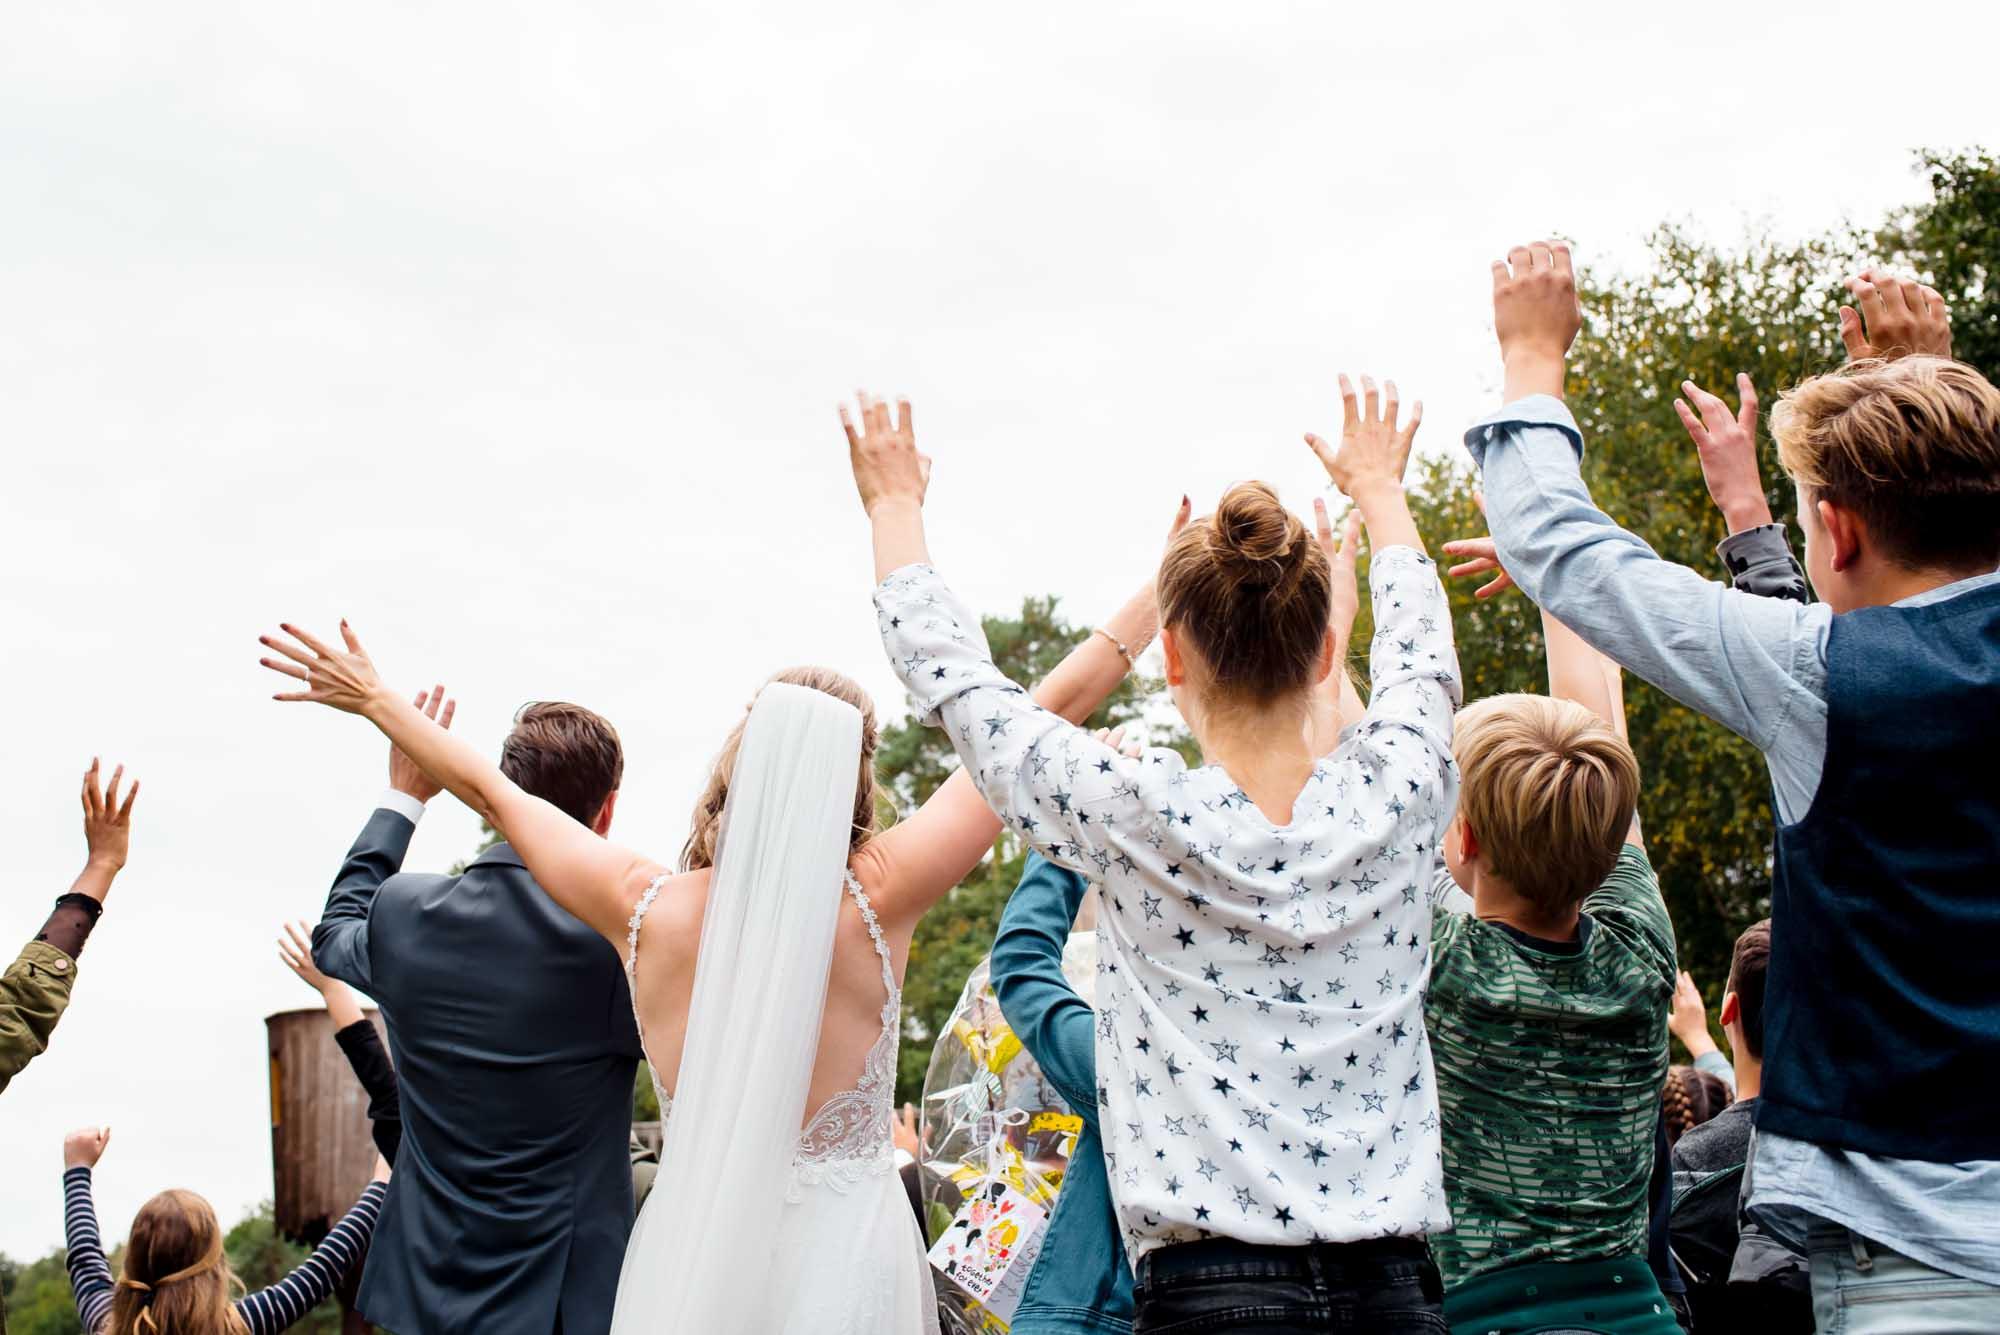 bruidskinderen-trouwen-trouwfotograaf-2